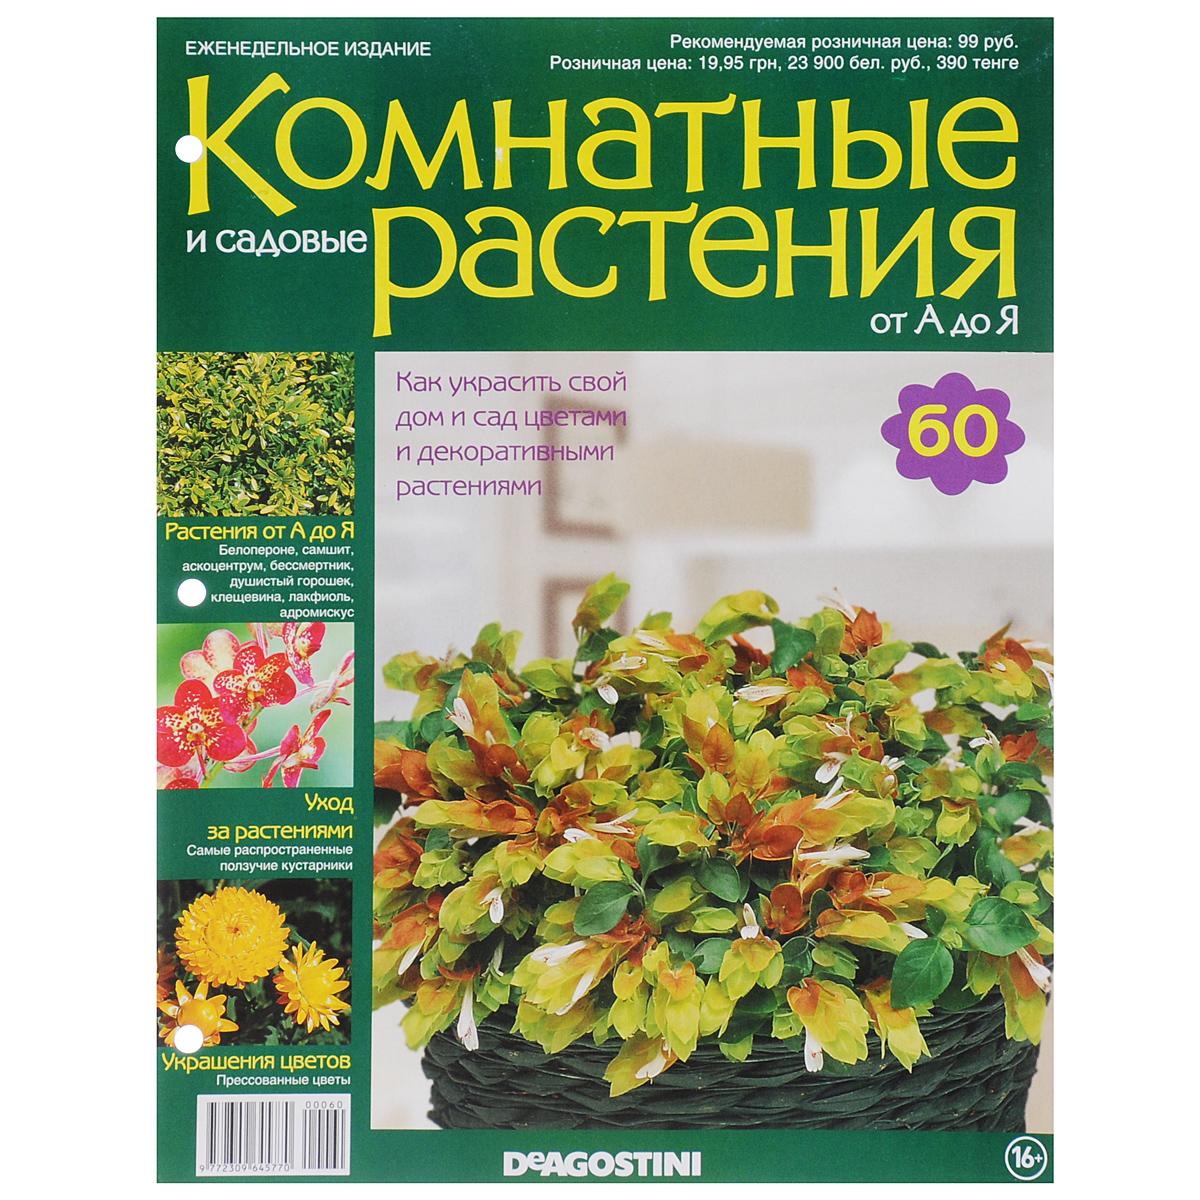 """Журнал """"Комнатные и садовые растения. От А до Я"""" №60,"""